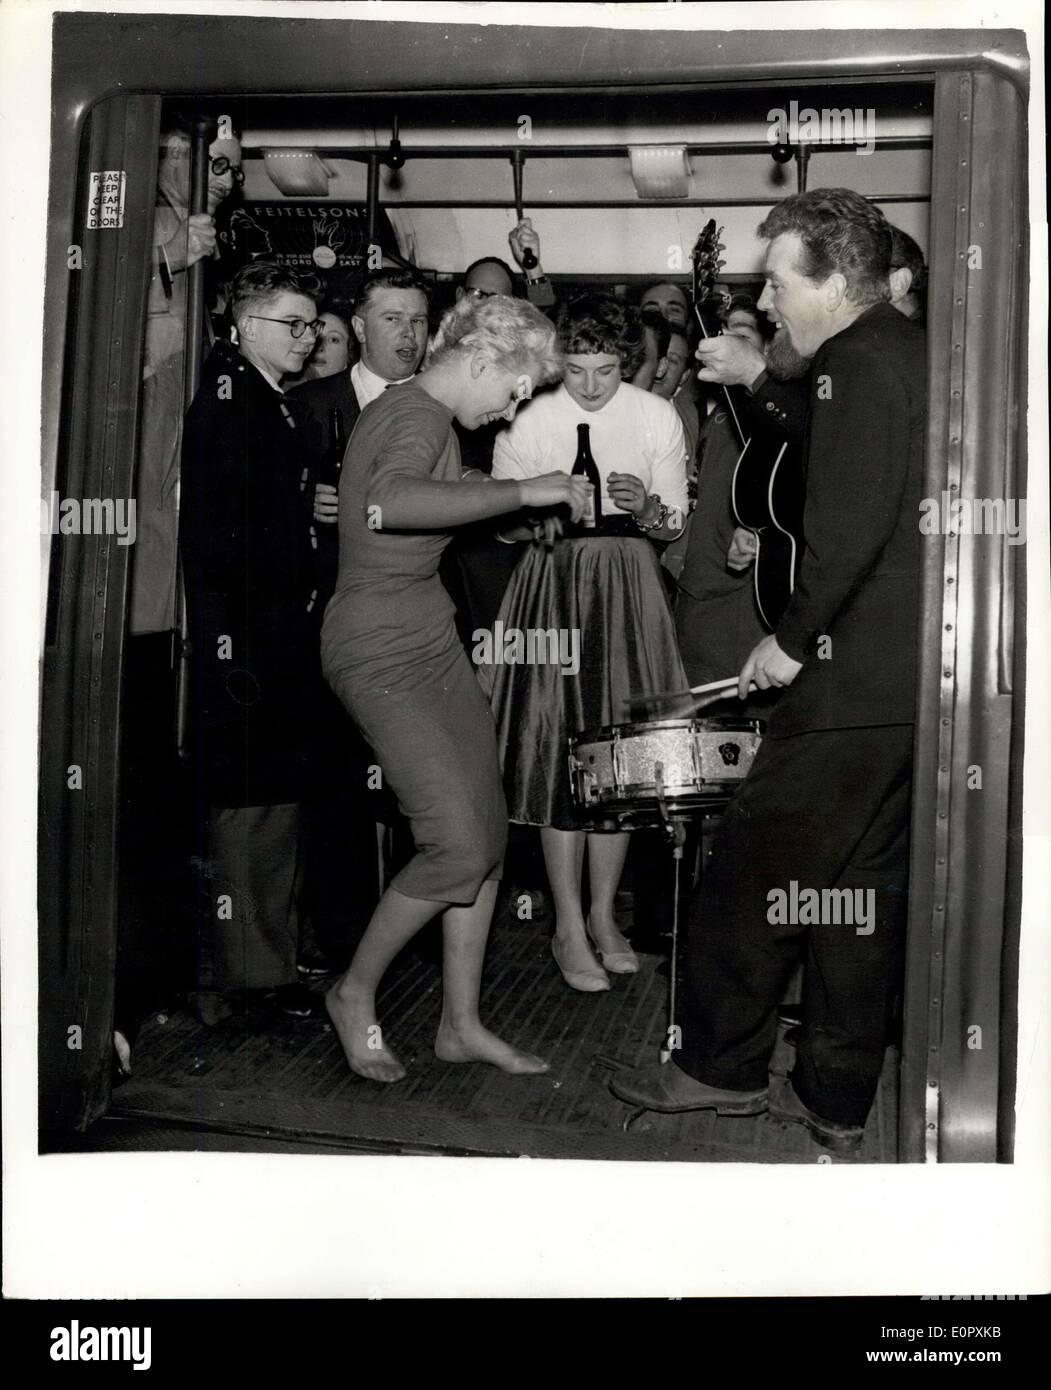 12 avril 1957 - le plus fantastique des parties sur un train de tube. L'honorable Gerald Lascelles Rockin ' va le smart set est allé sous terre la nuit dernière et secoue sans arrêt autour du cercle intérieur route de Charing Cross à Charing Cross. Il skiffled et bercé leur voie par Euston, Kings Cross, Farringdon, et Edgware road,-et le prix de la tour ronde a été deux shillings. C'est ce que chacune des 75 personnes - y compris le cousin de la Reine, l'honorable Gerald Lascelles, payé leurs billets Photo Stock